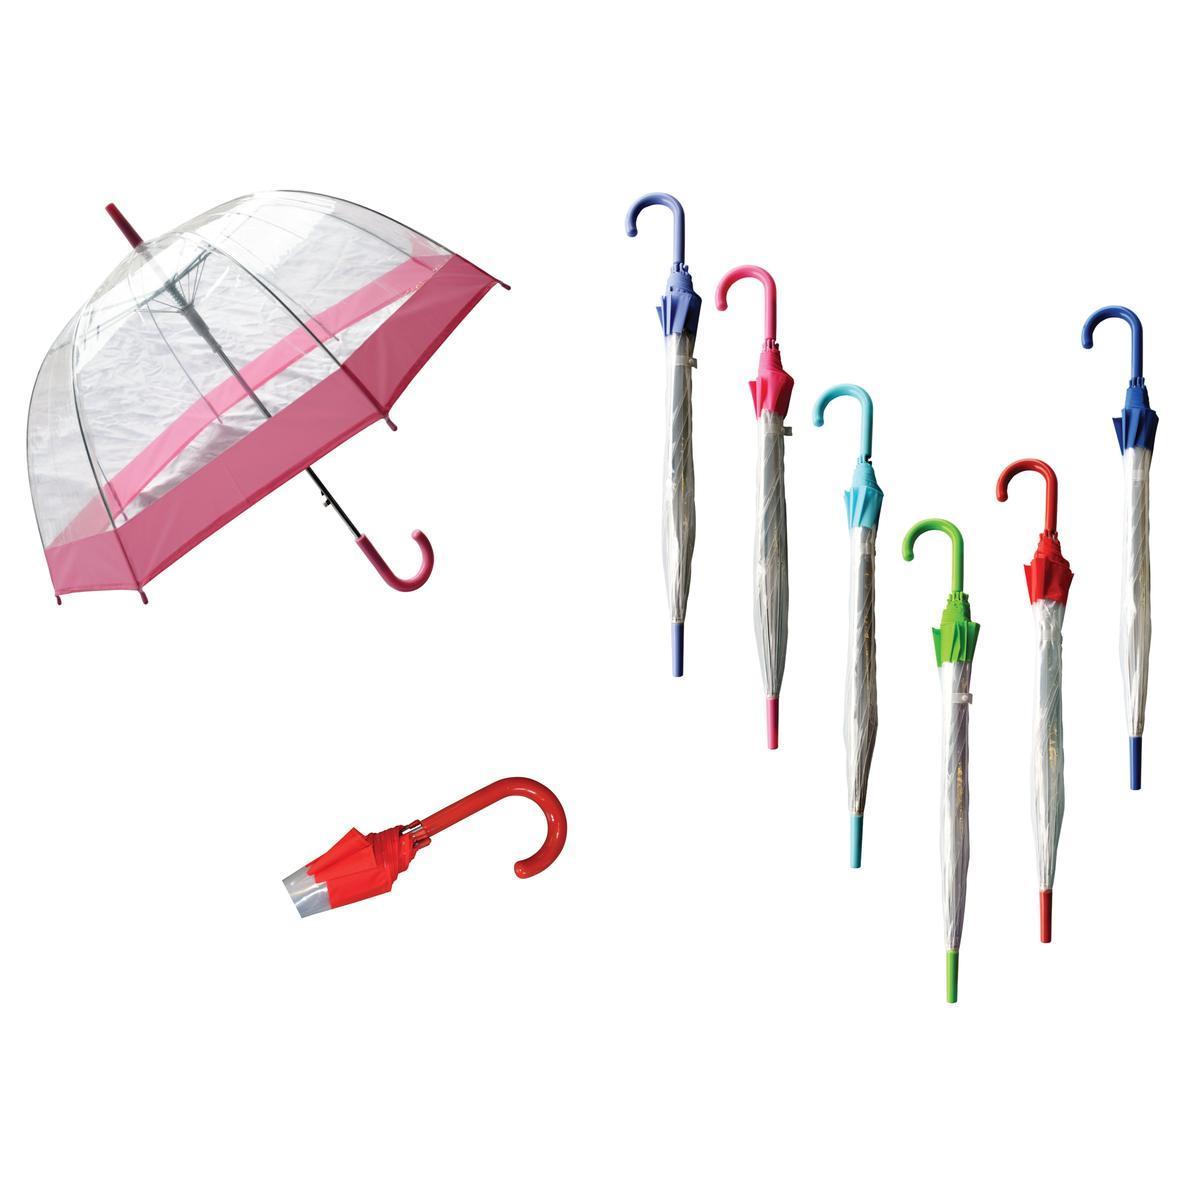 Parapluie Automatique Transparent Accessoires Mode La Foir Fouille